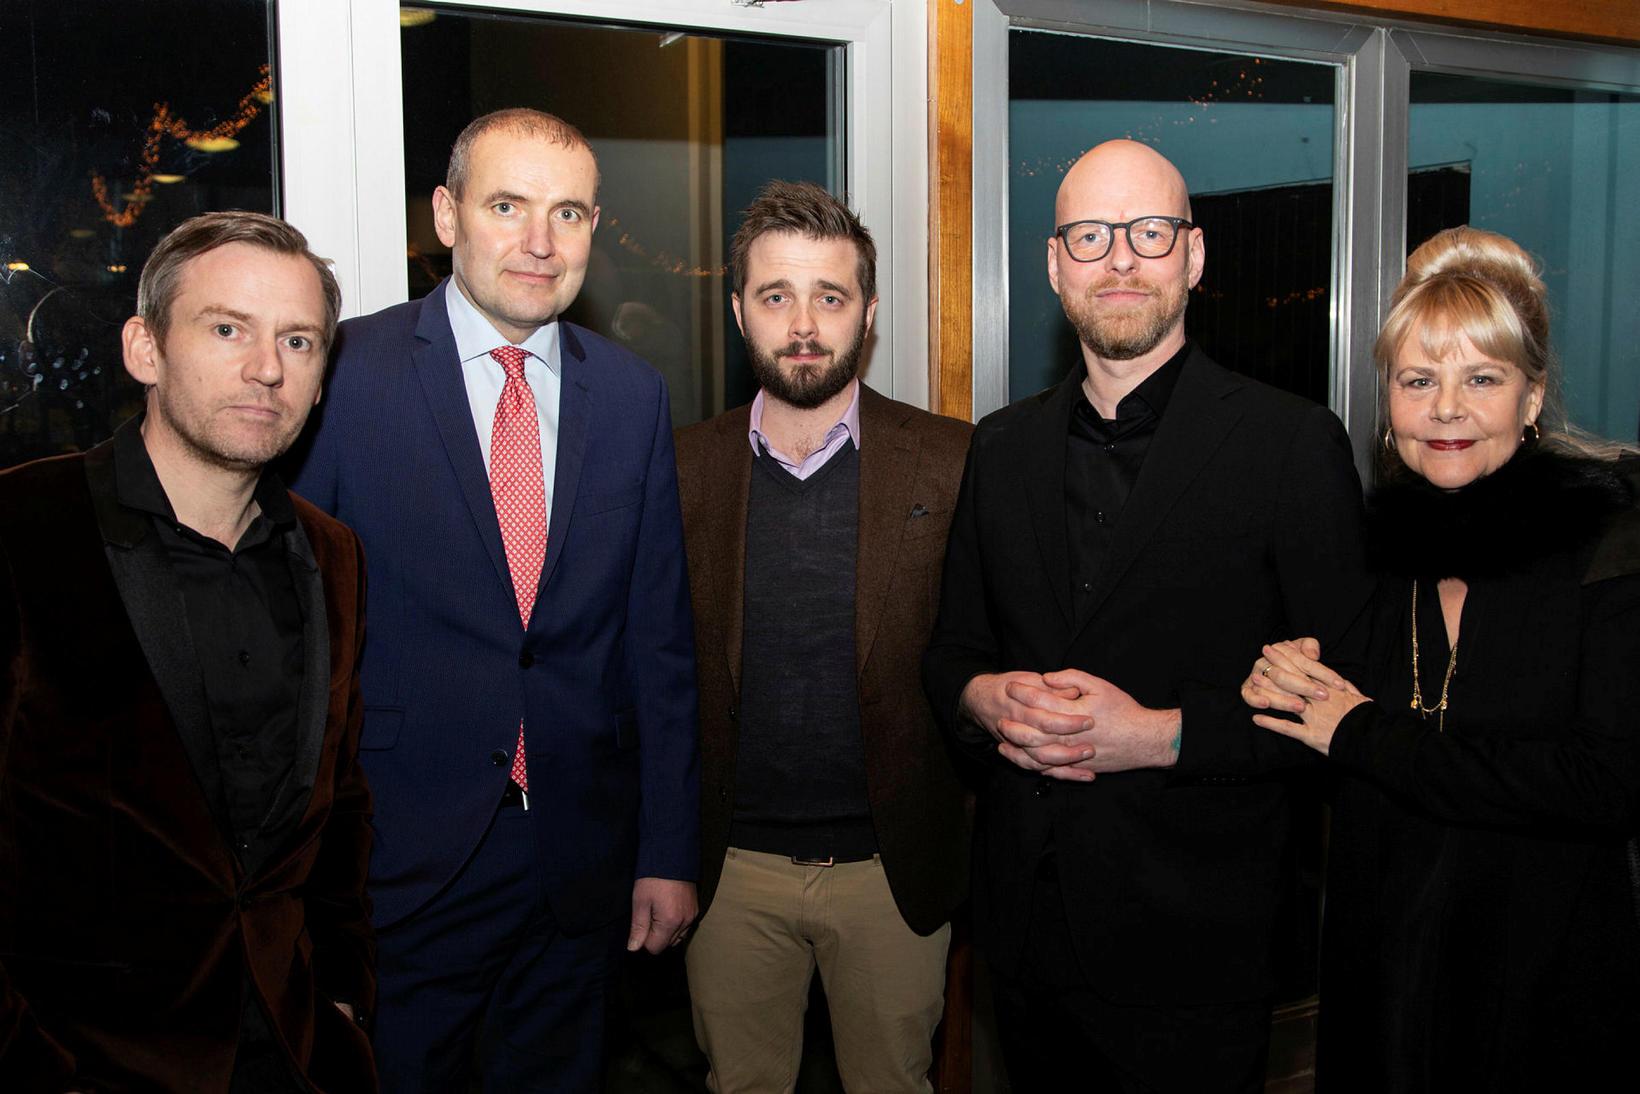 Hallgrímur Ólafsson, Guðni Th. Jóhannesson, Davíð Ólafsson, Ragnar Bragason, og …